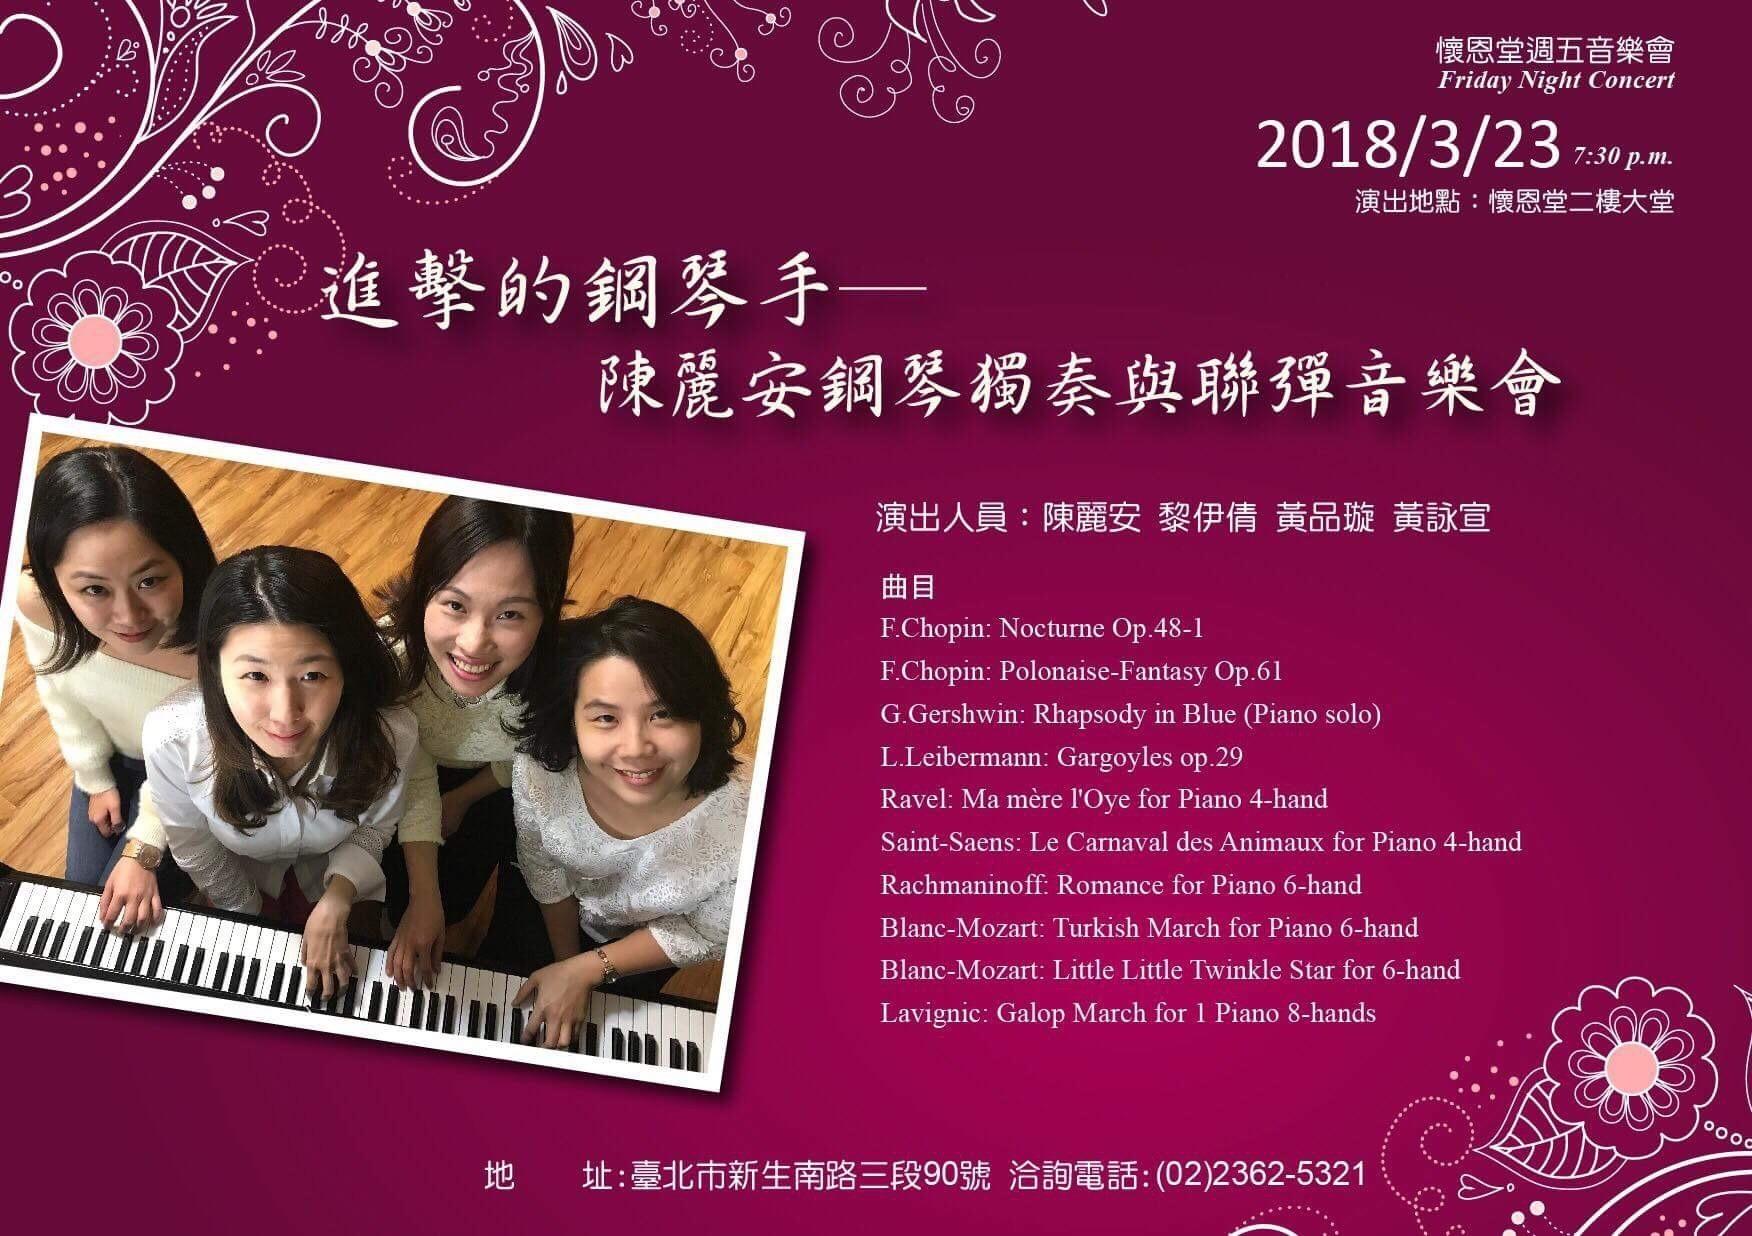 陳麗安鋼琴獨奏與聯彈音樂會